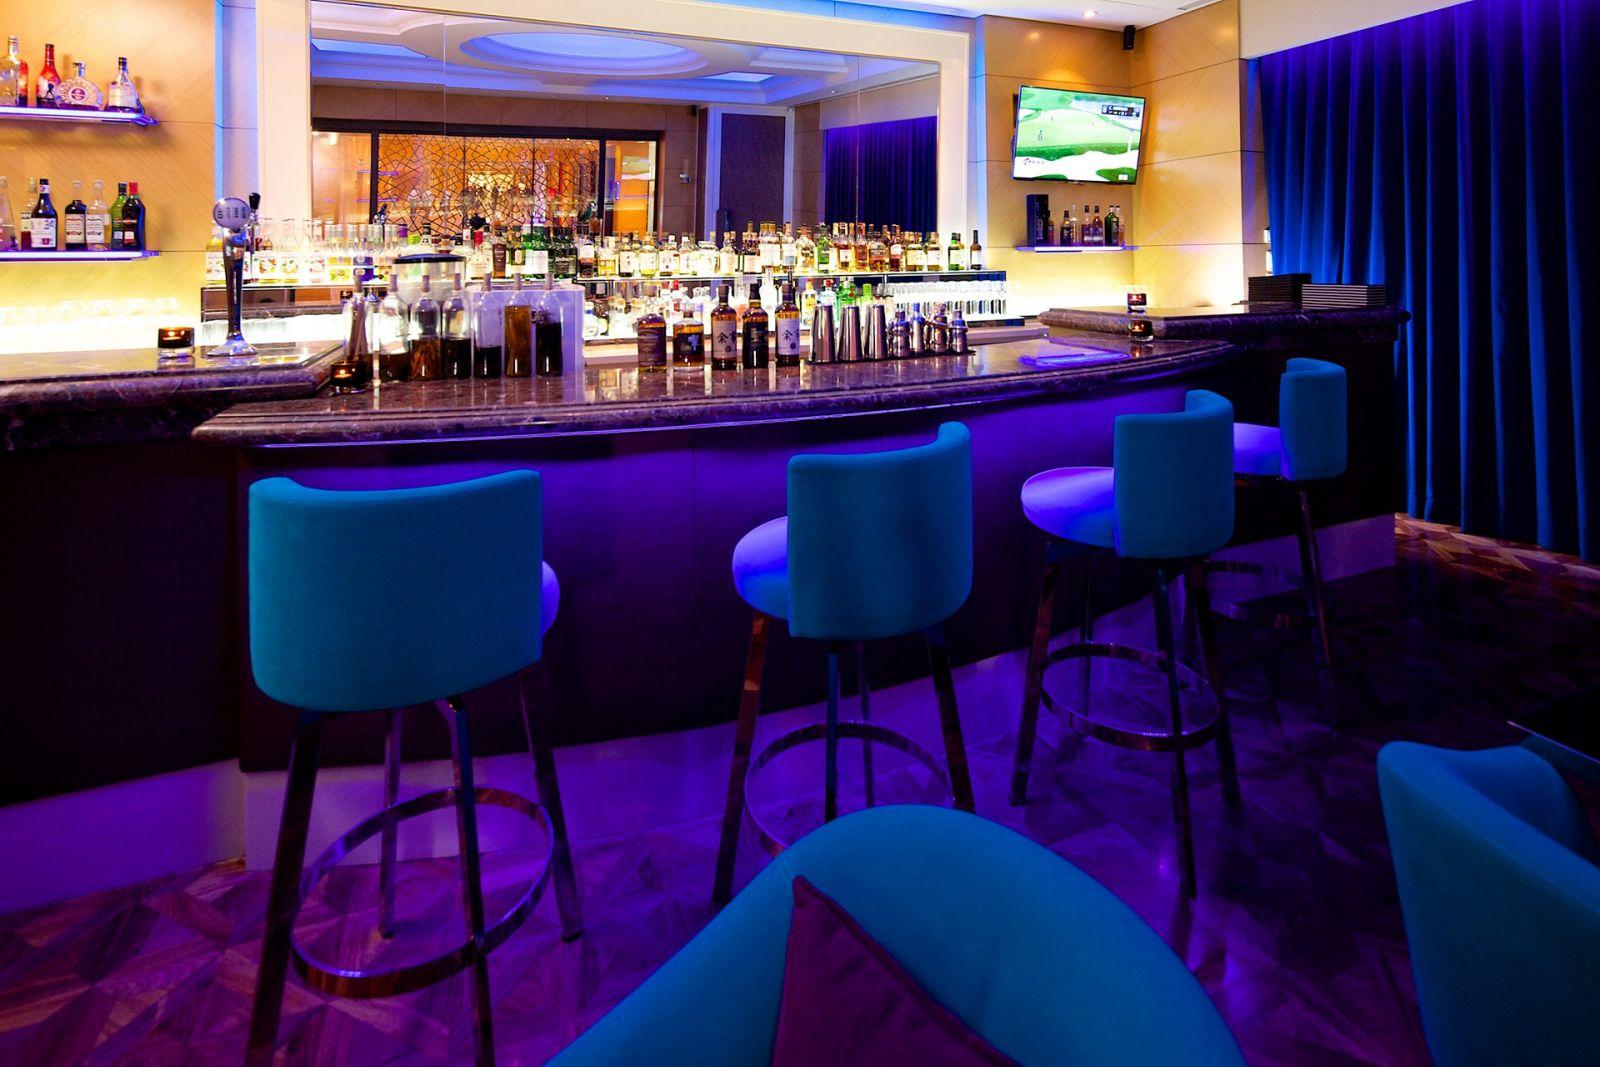 富邦國賓大飯店聯名卡 天天款待您 Lounge/Bar天天飲料買一送一